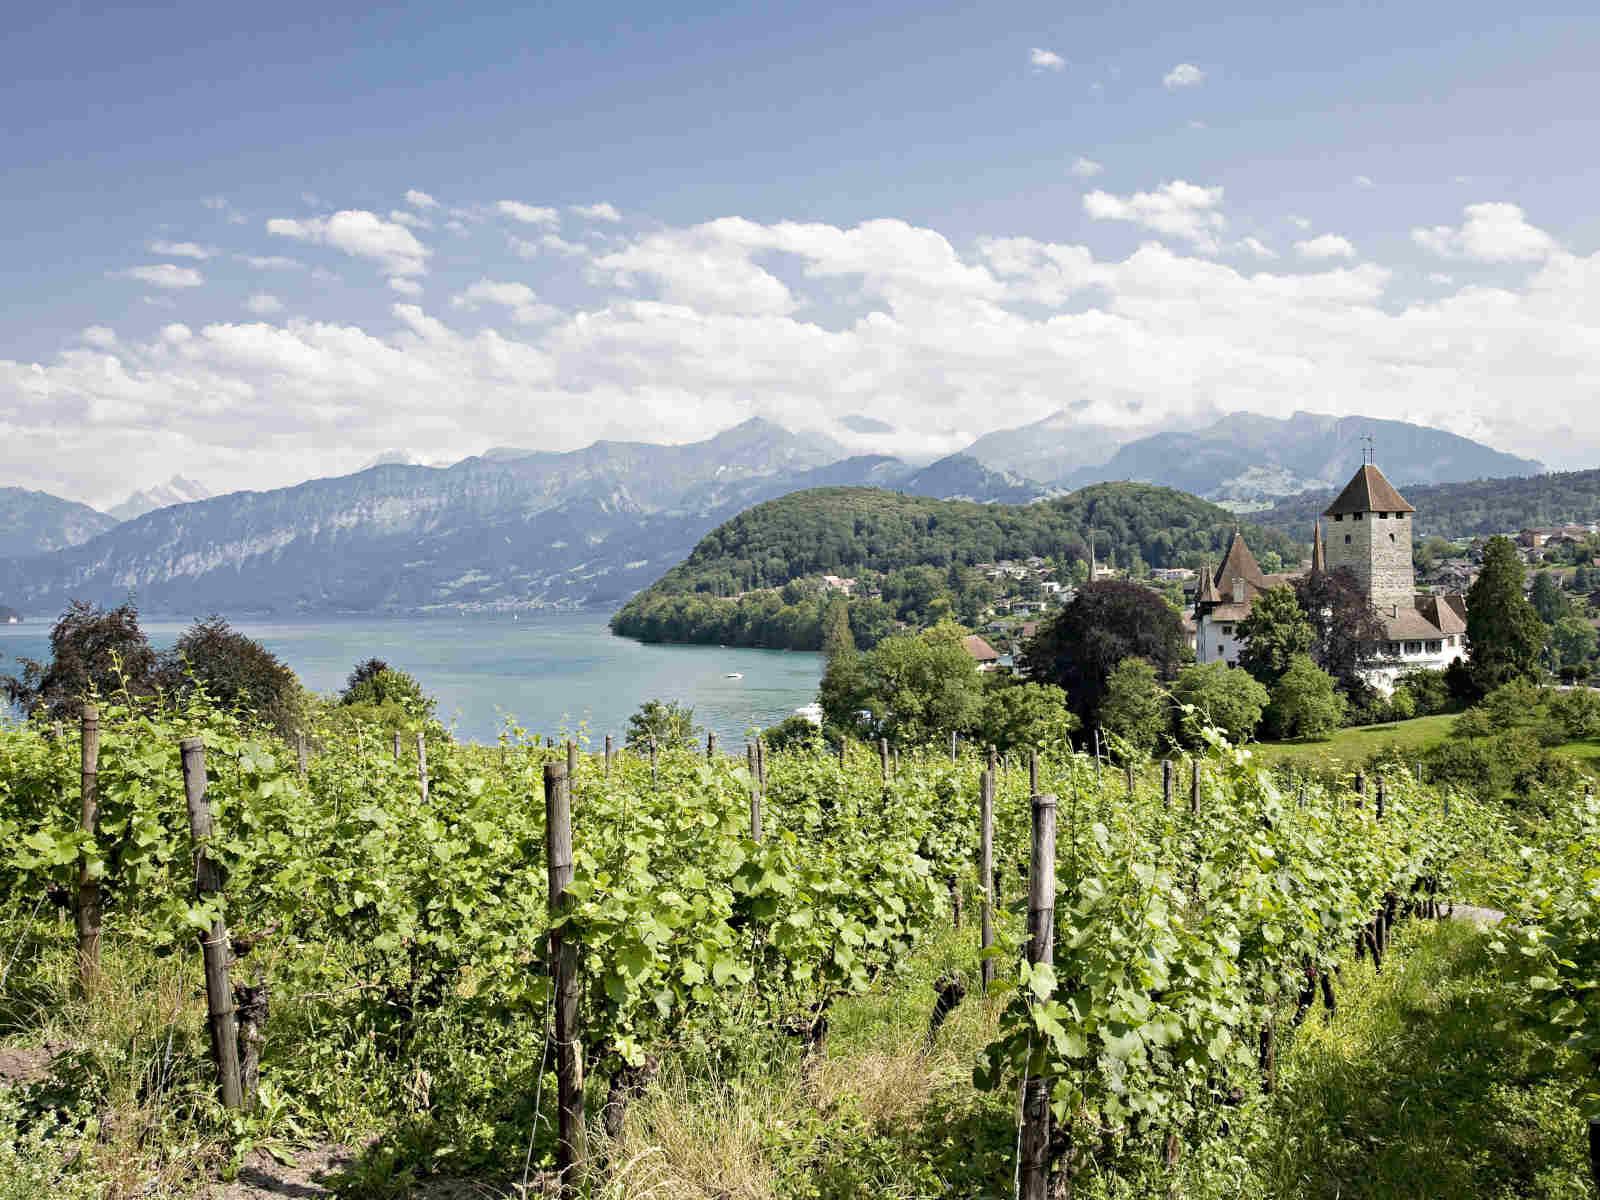 Weinberg see Schloss